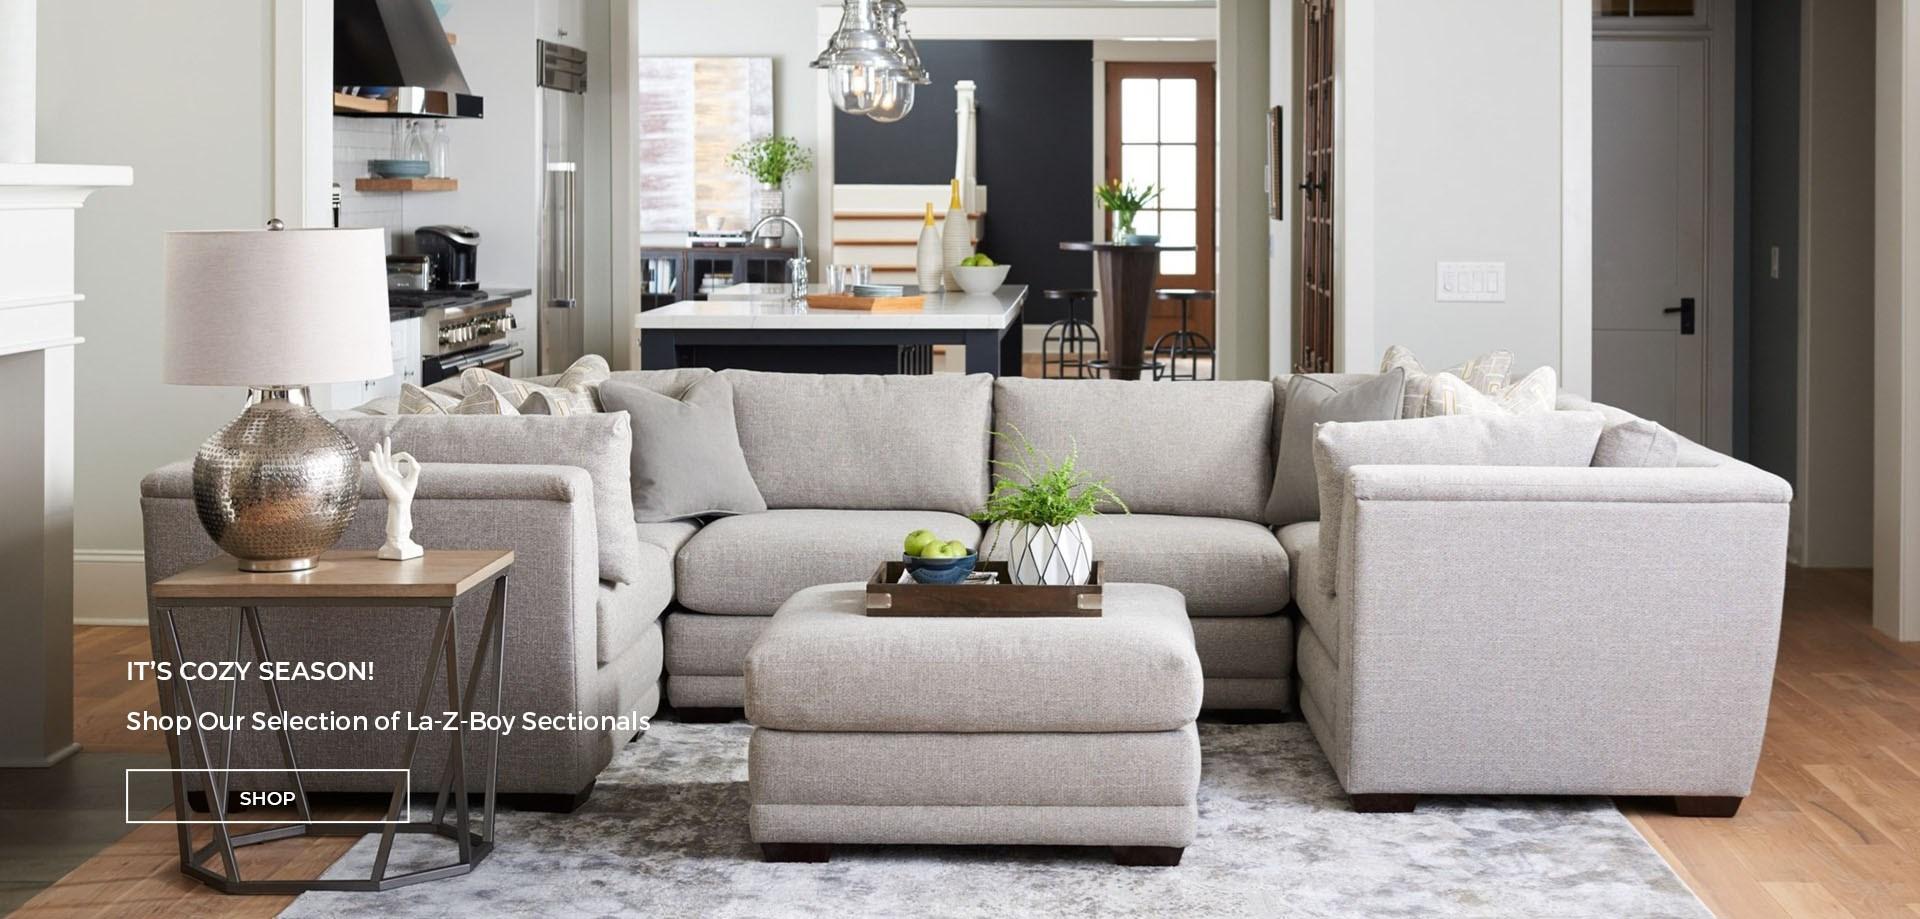 It's Cozy Season! Shop Our Selection of La-Z-Boy Sectionals.